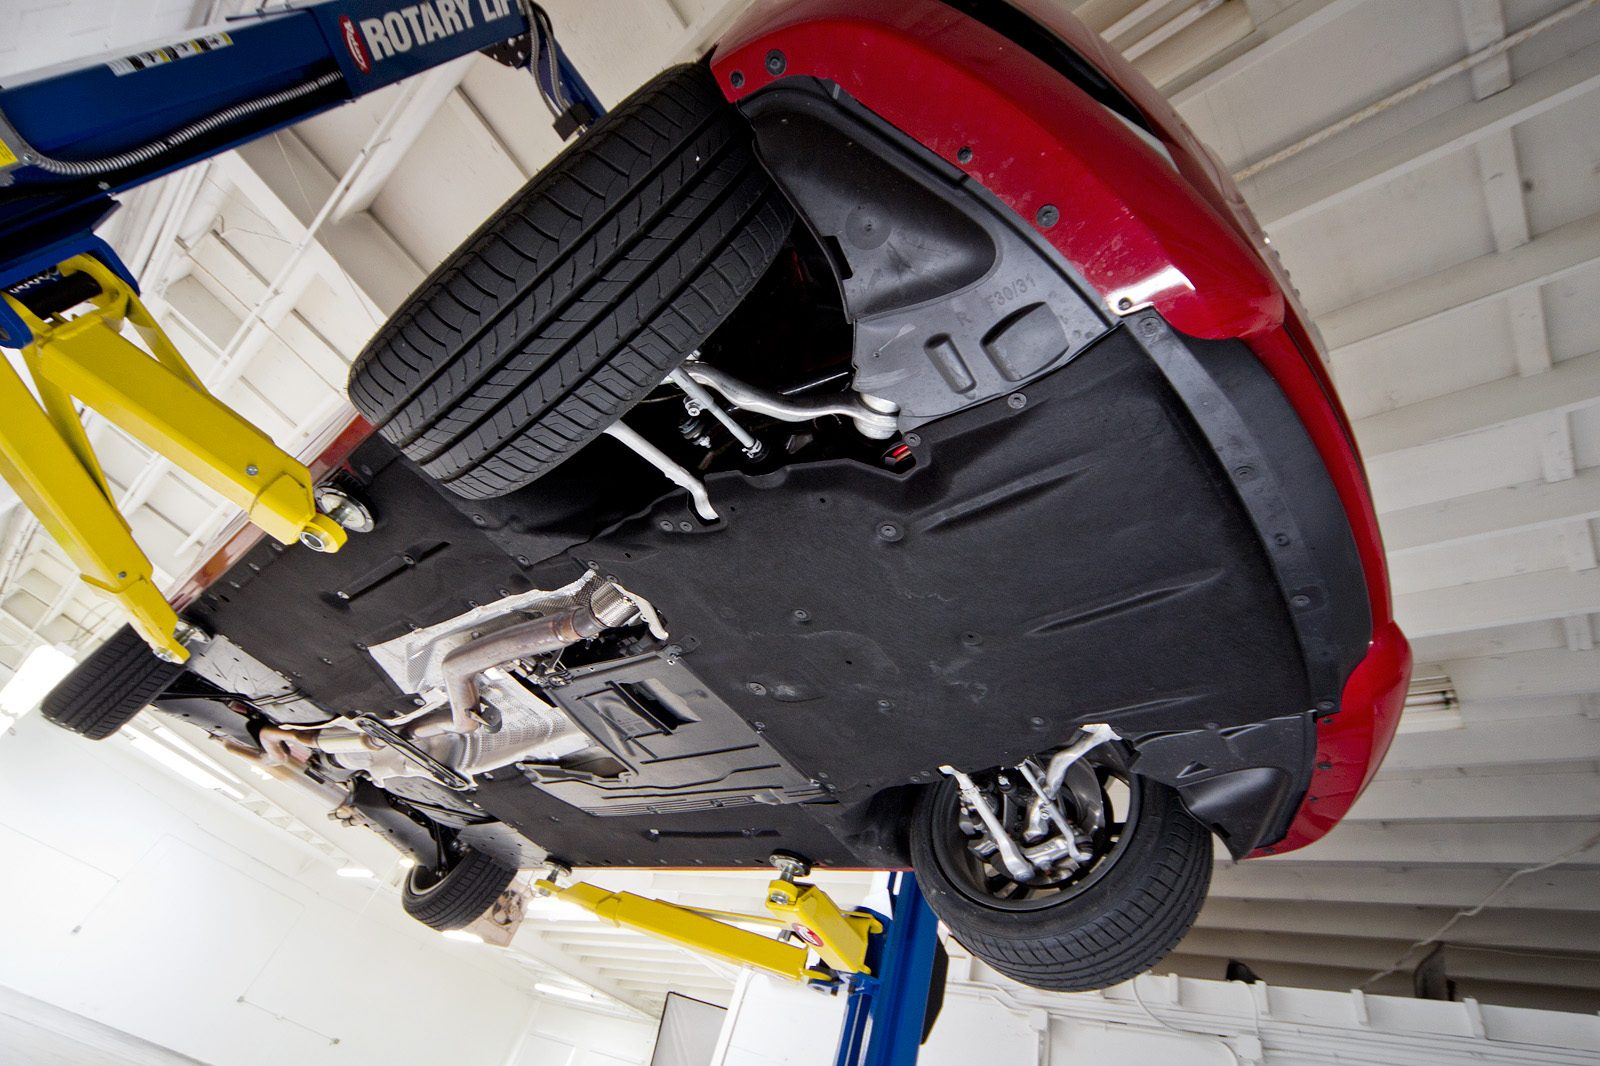 De Bmw 328i F30 Schopt Kont Dit Is Waarom Autoblog Nl